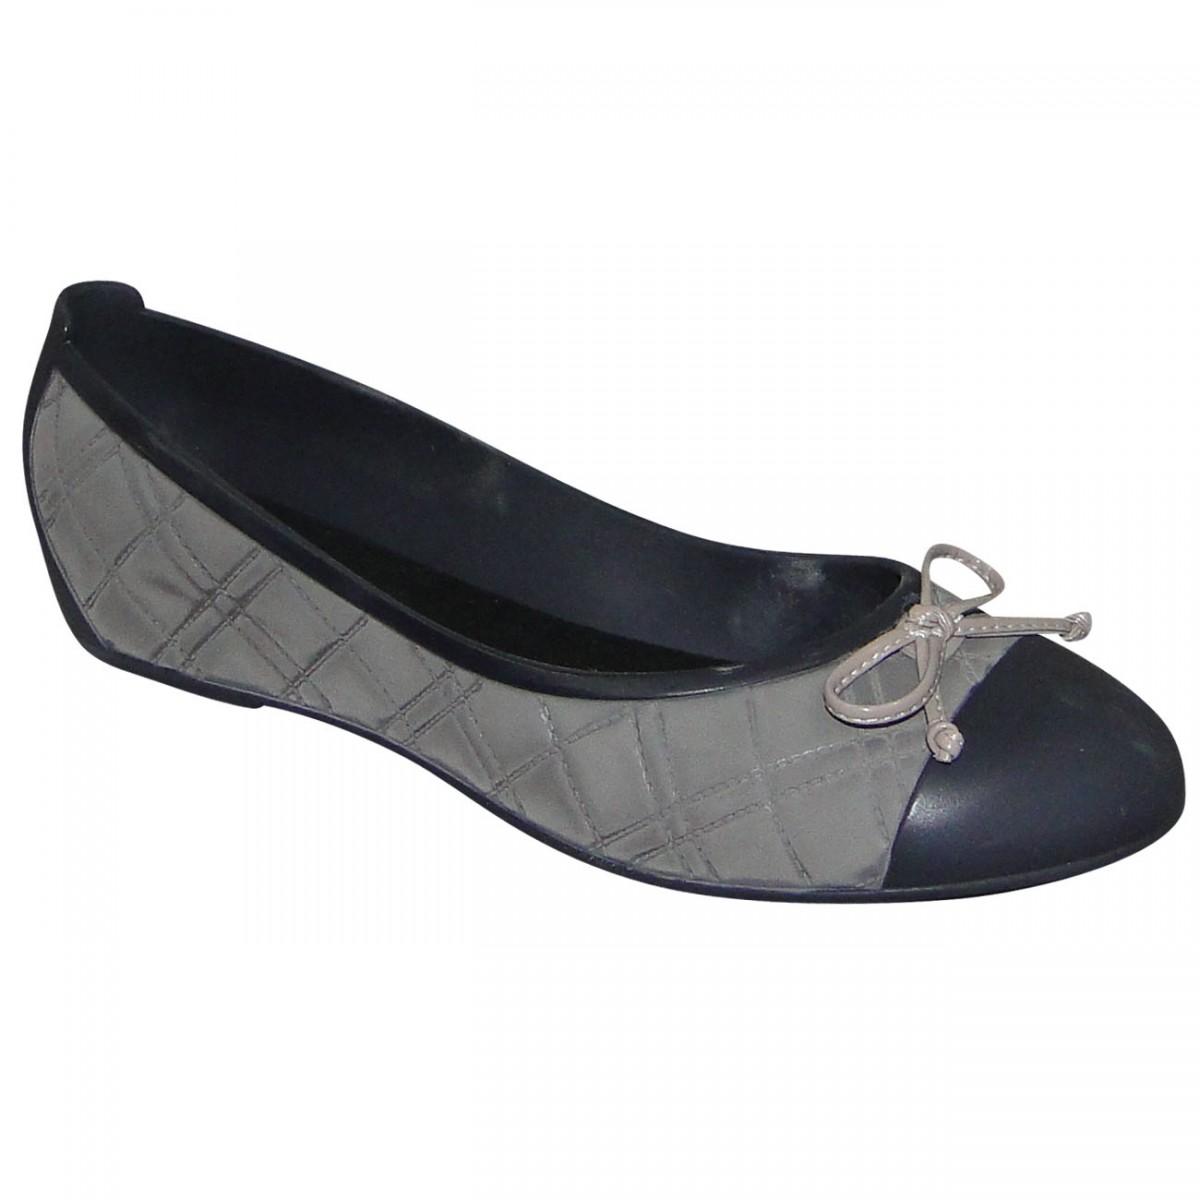 766521483 Sapatilha Boaonda Doris 1503-210-123 - Azul Escuro - Chuteira Nike ...